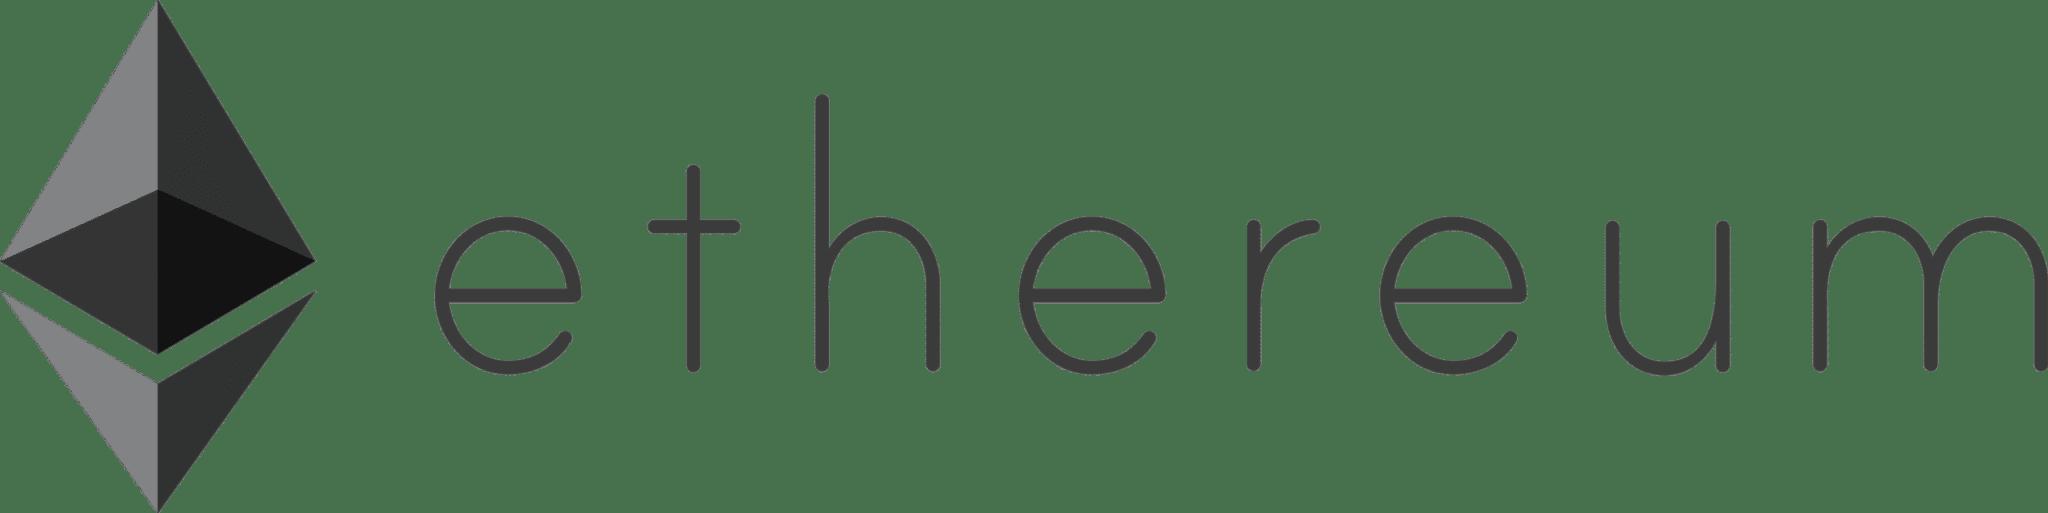 paiement-etherum-automate-confort